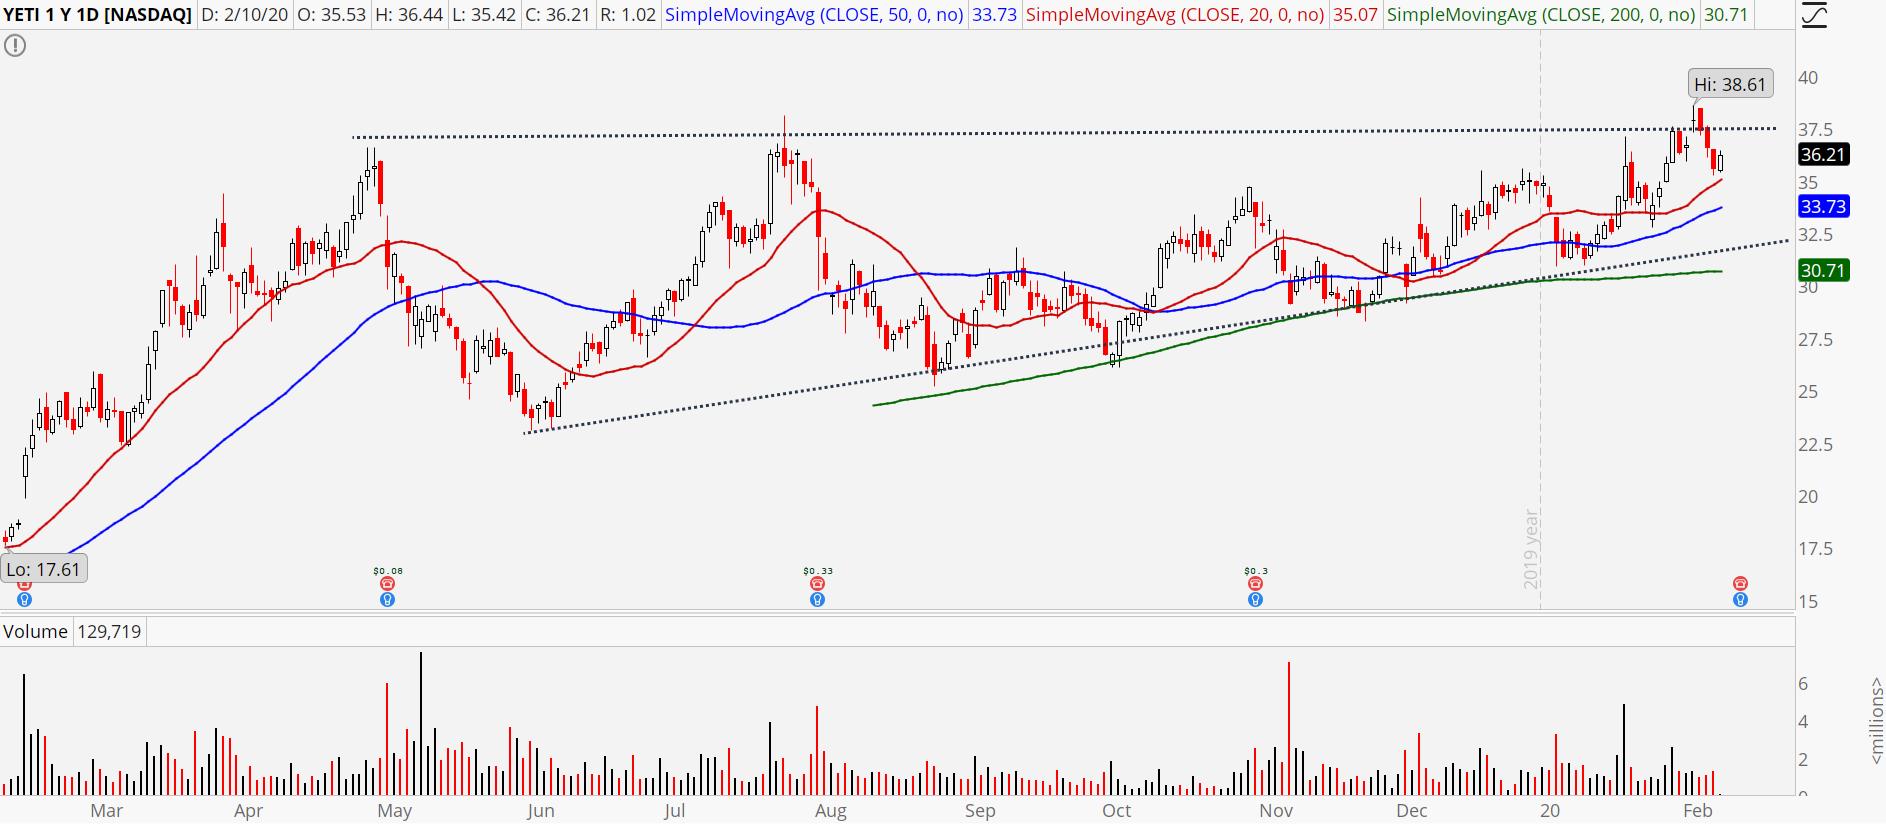 Yeti (YETI) stock chart